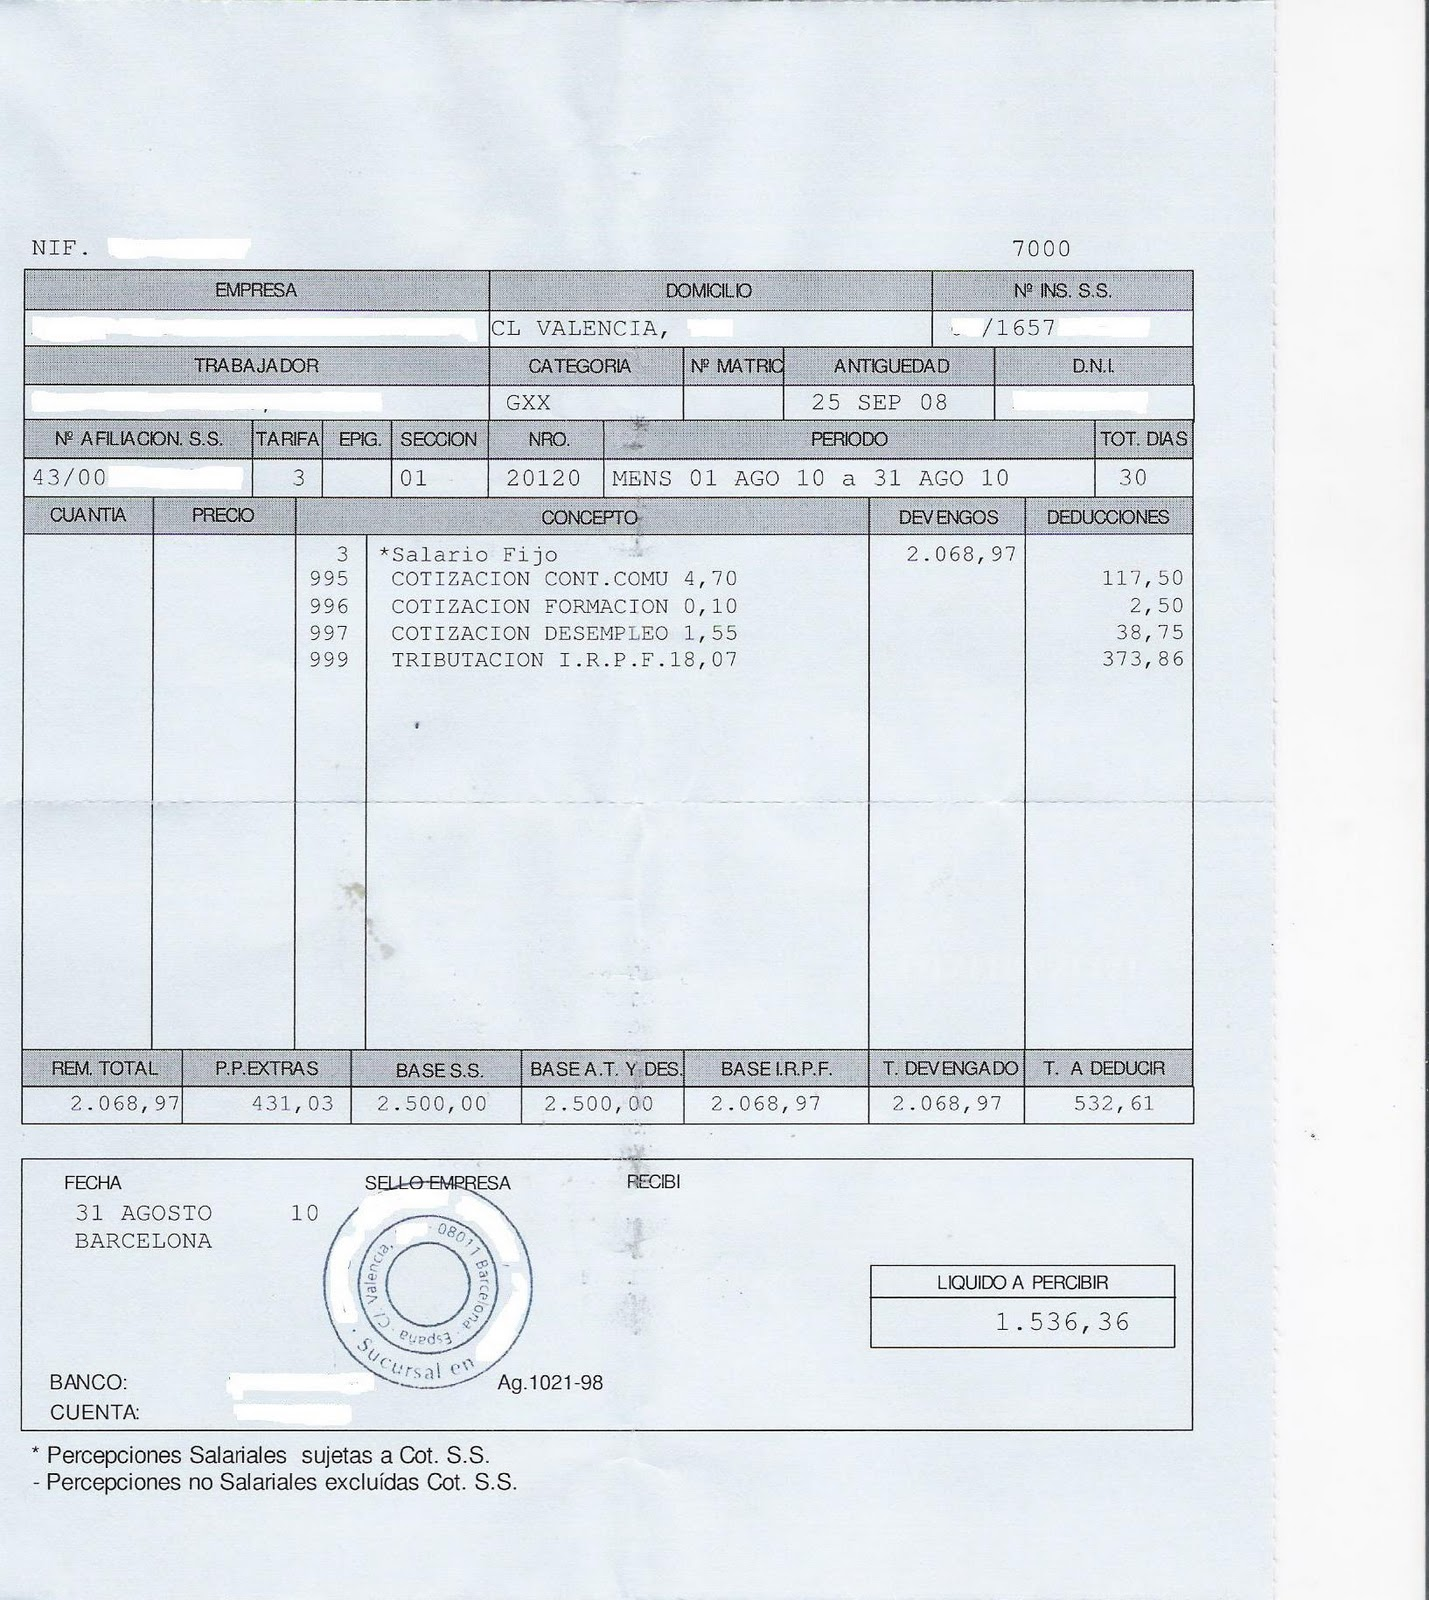 Descargar Recibo Pago Nomina 2014 Formato Excel